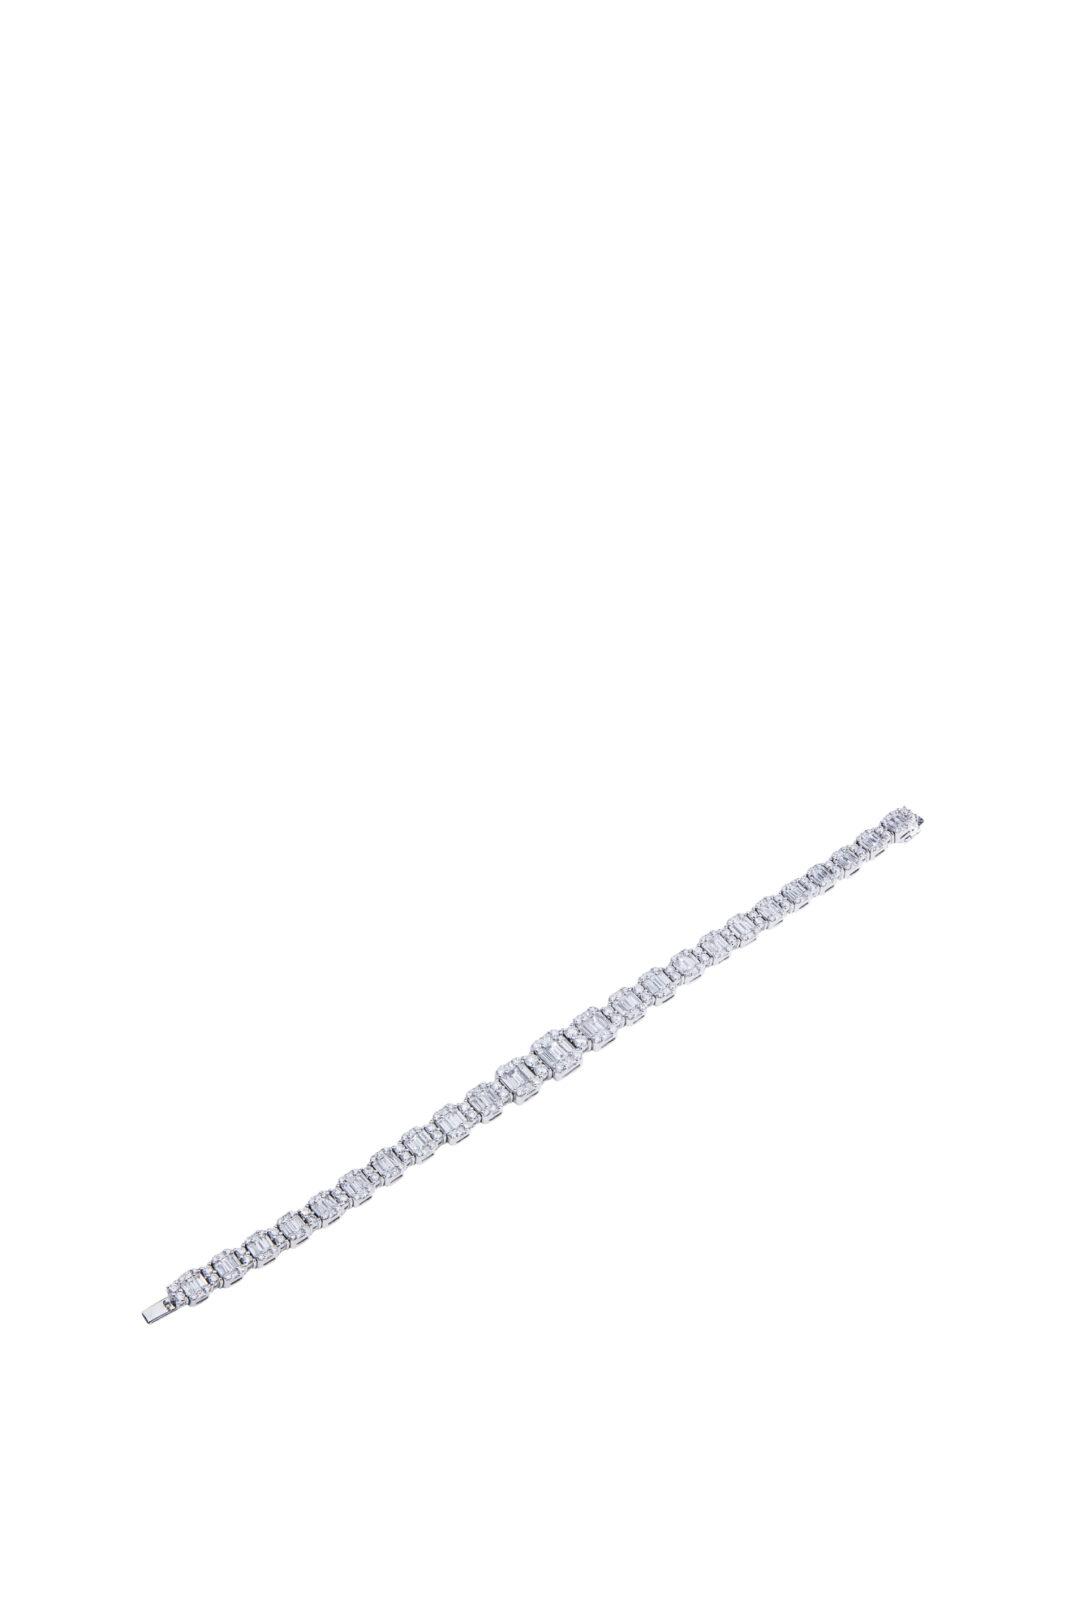 1259BR-76P